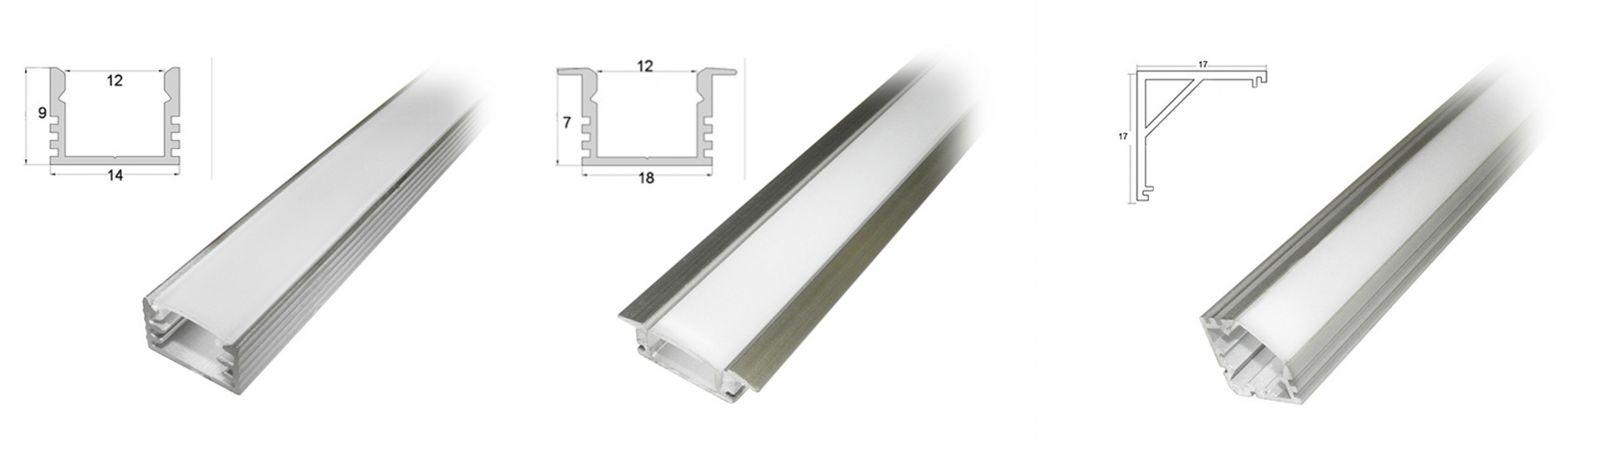 Как выбрать профиль для светодиодной ленты: алюминиевый или пластиковый